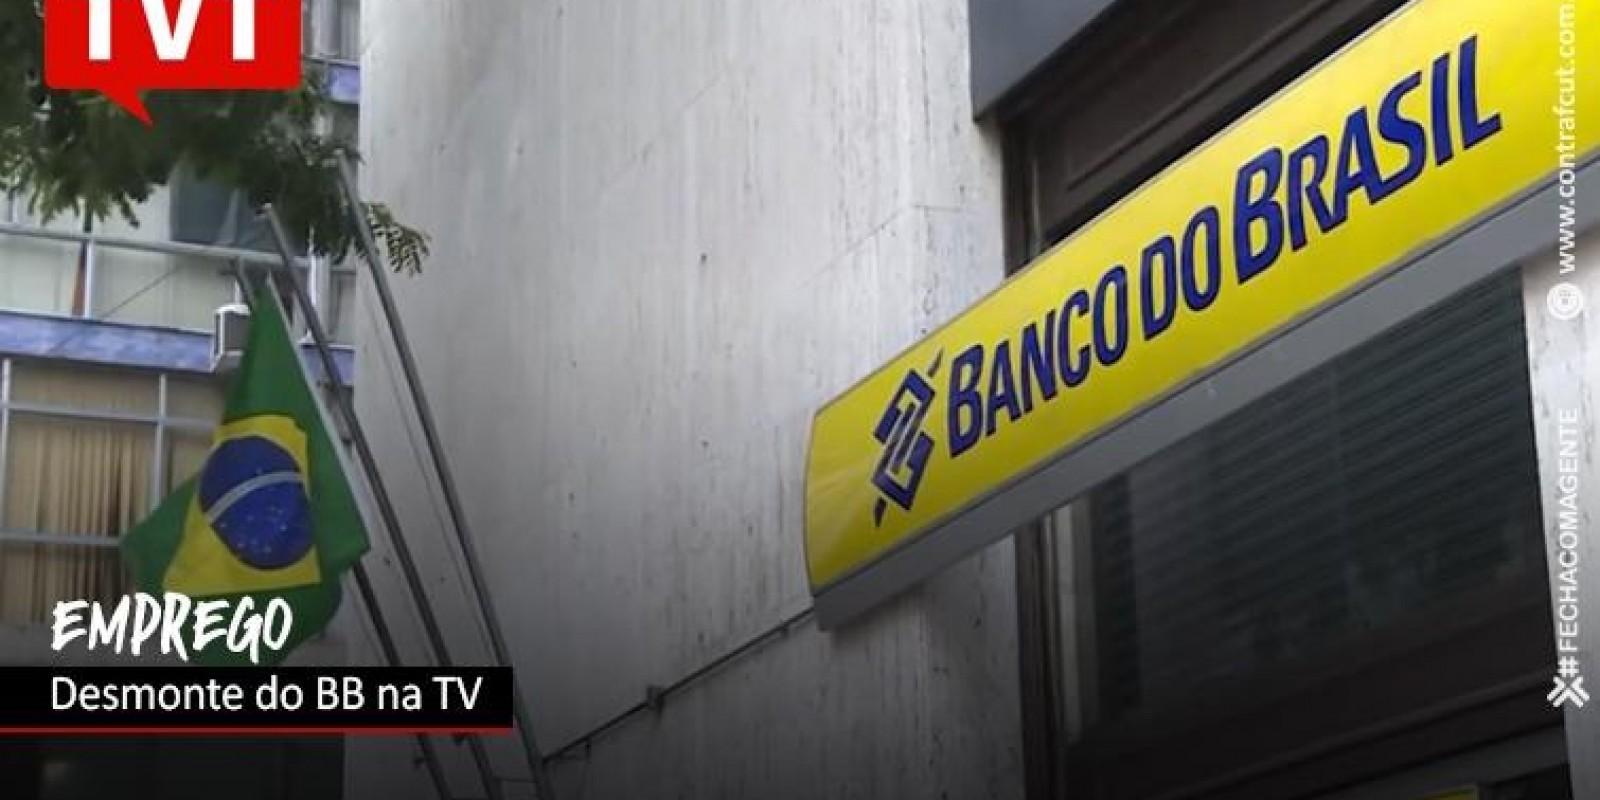 Desmonte no BB é notícia na TV